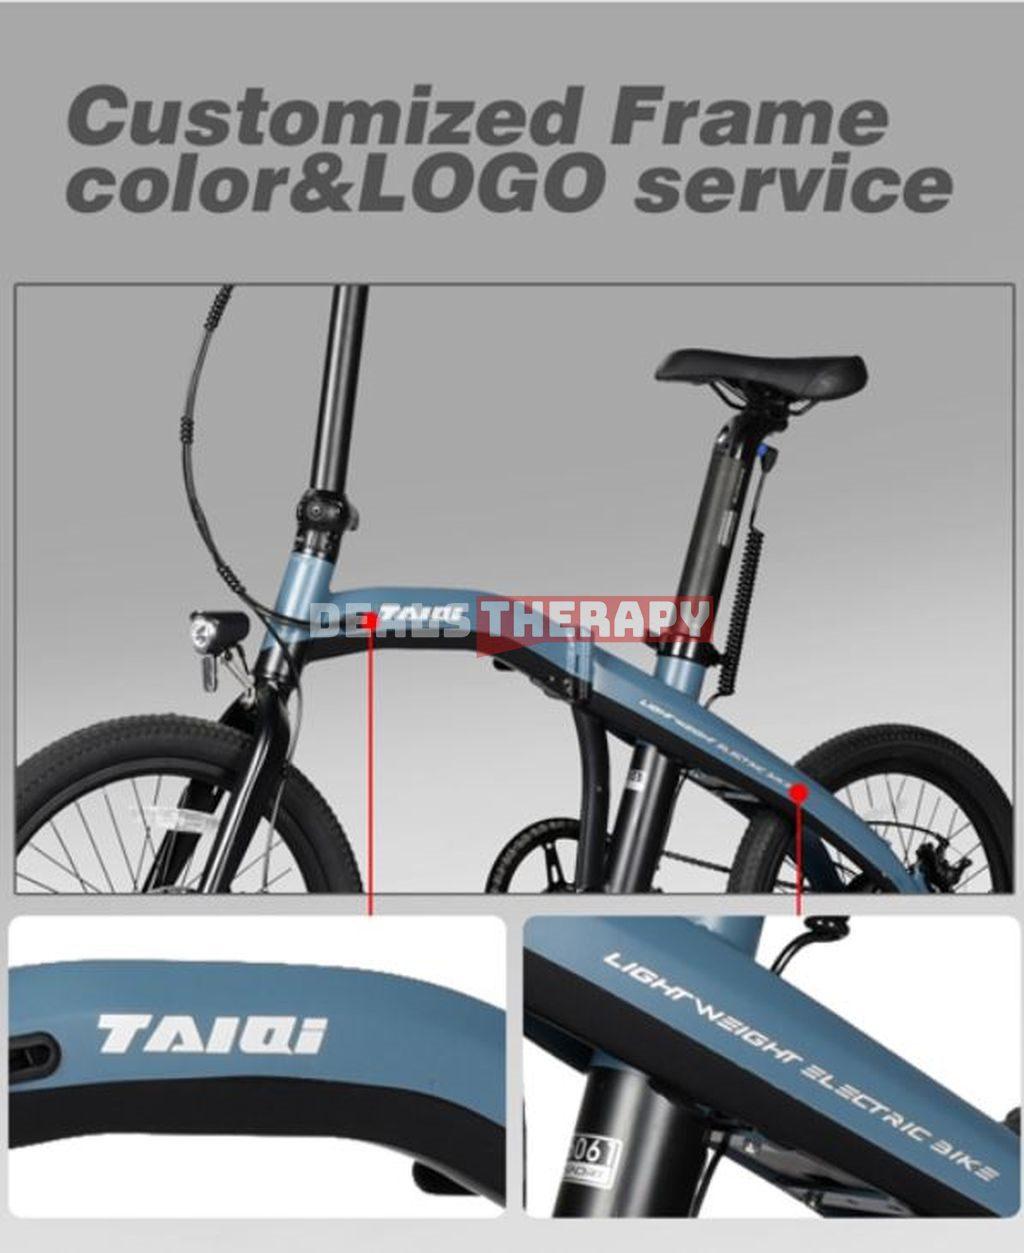 Taiqi V1